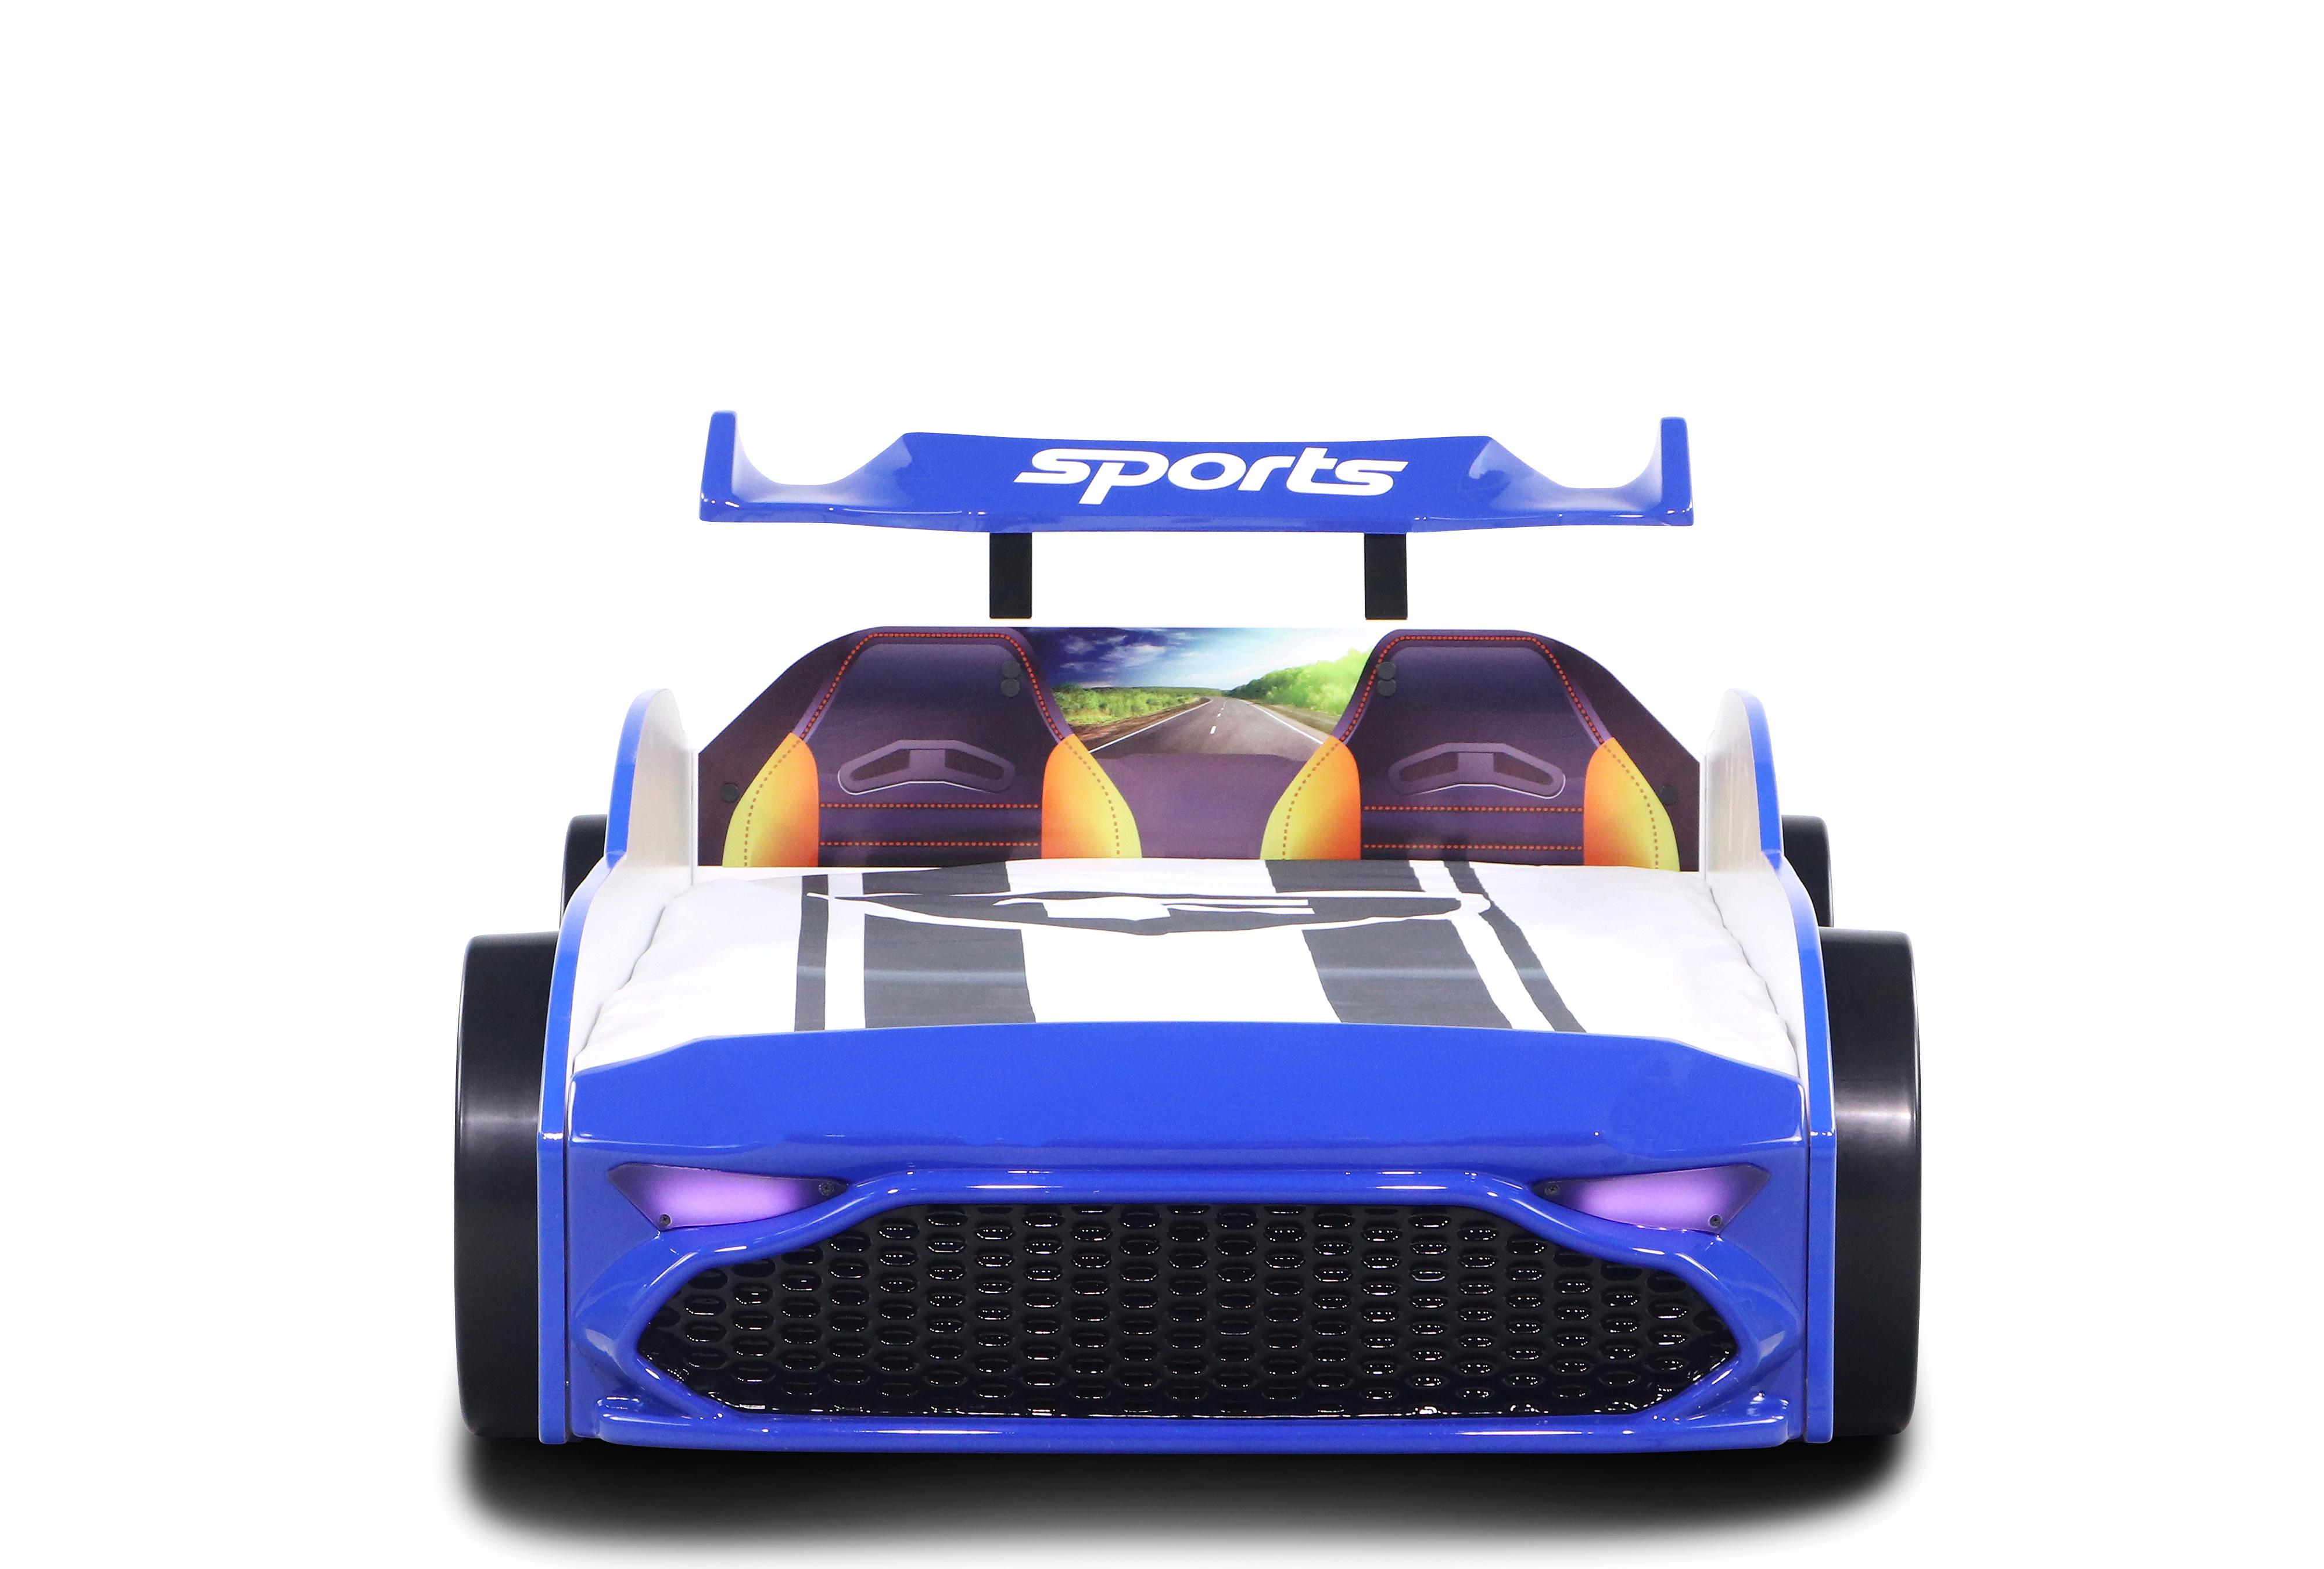 Kinderautobett GT18 Turbo 4x4 in Blau Ausstellung